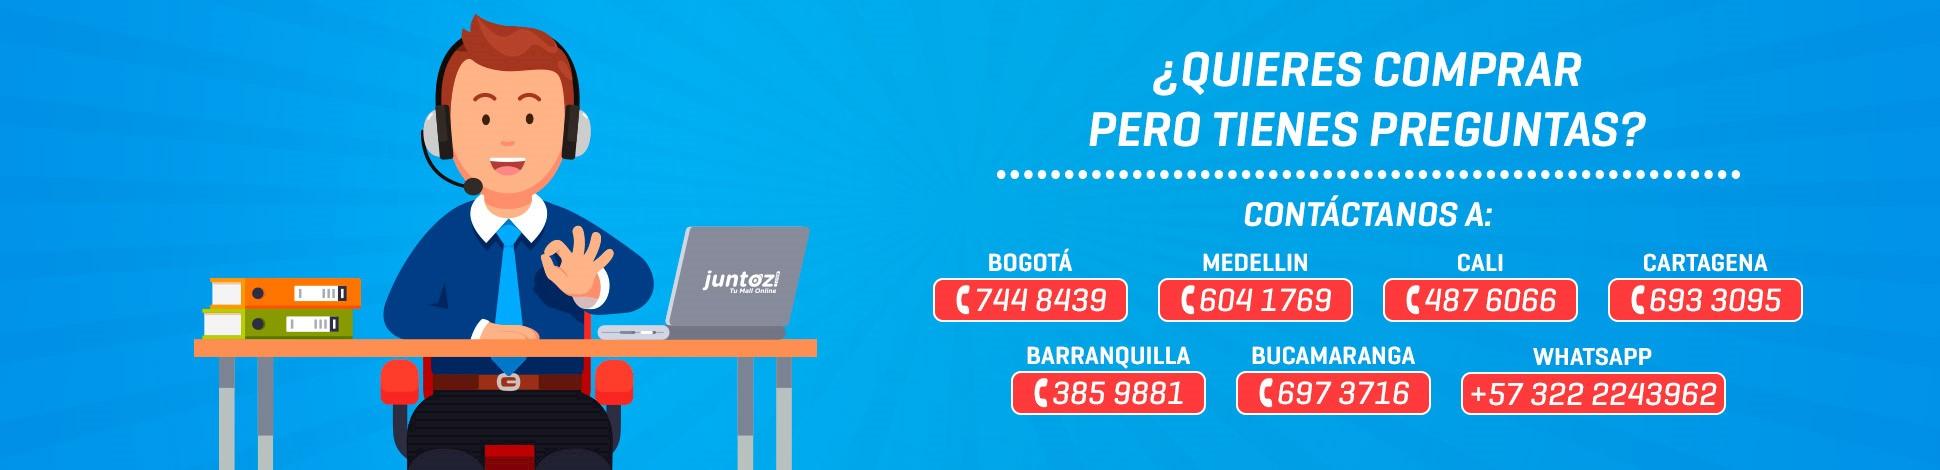 HS-ComprarPreguntas.jpg | Juntoz.com